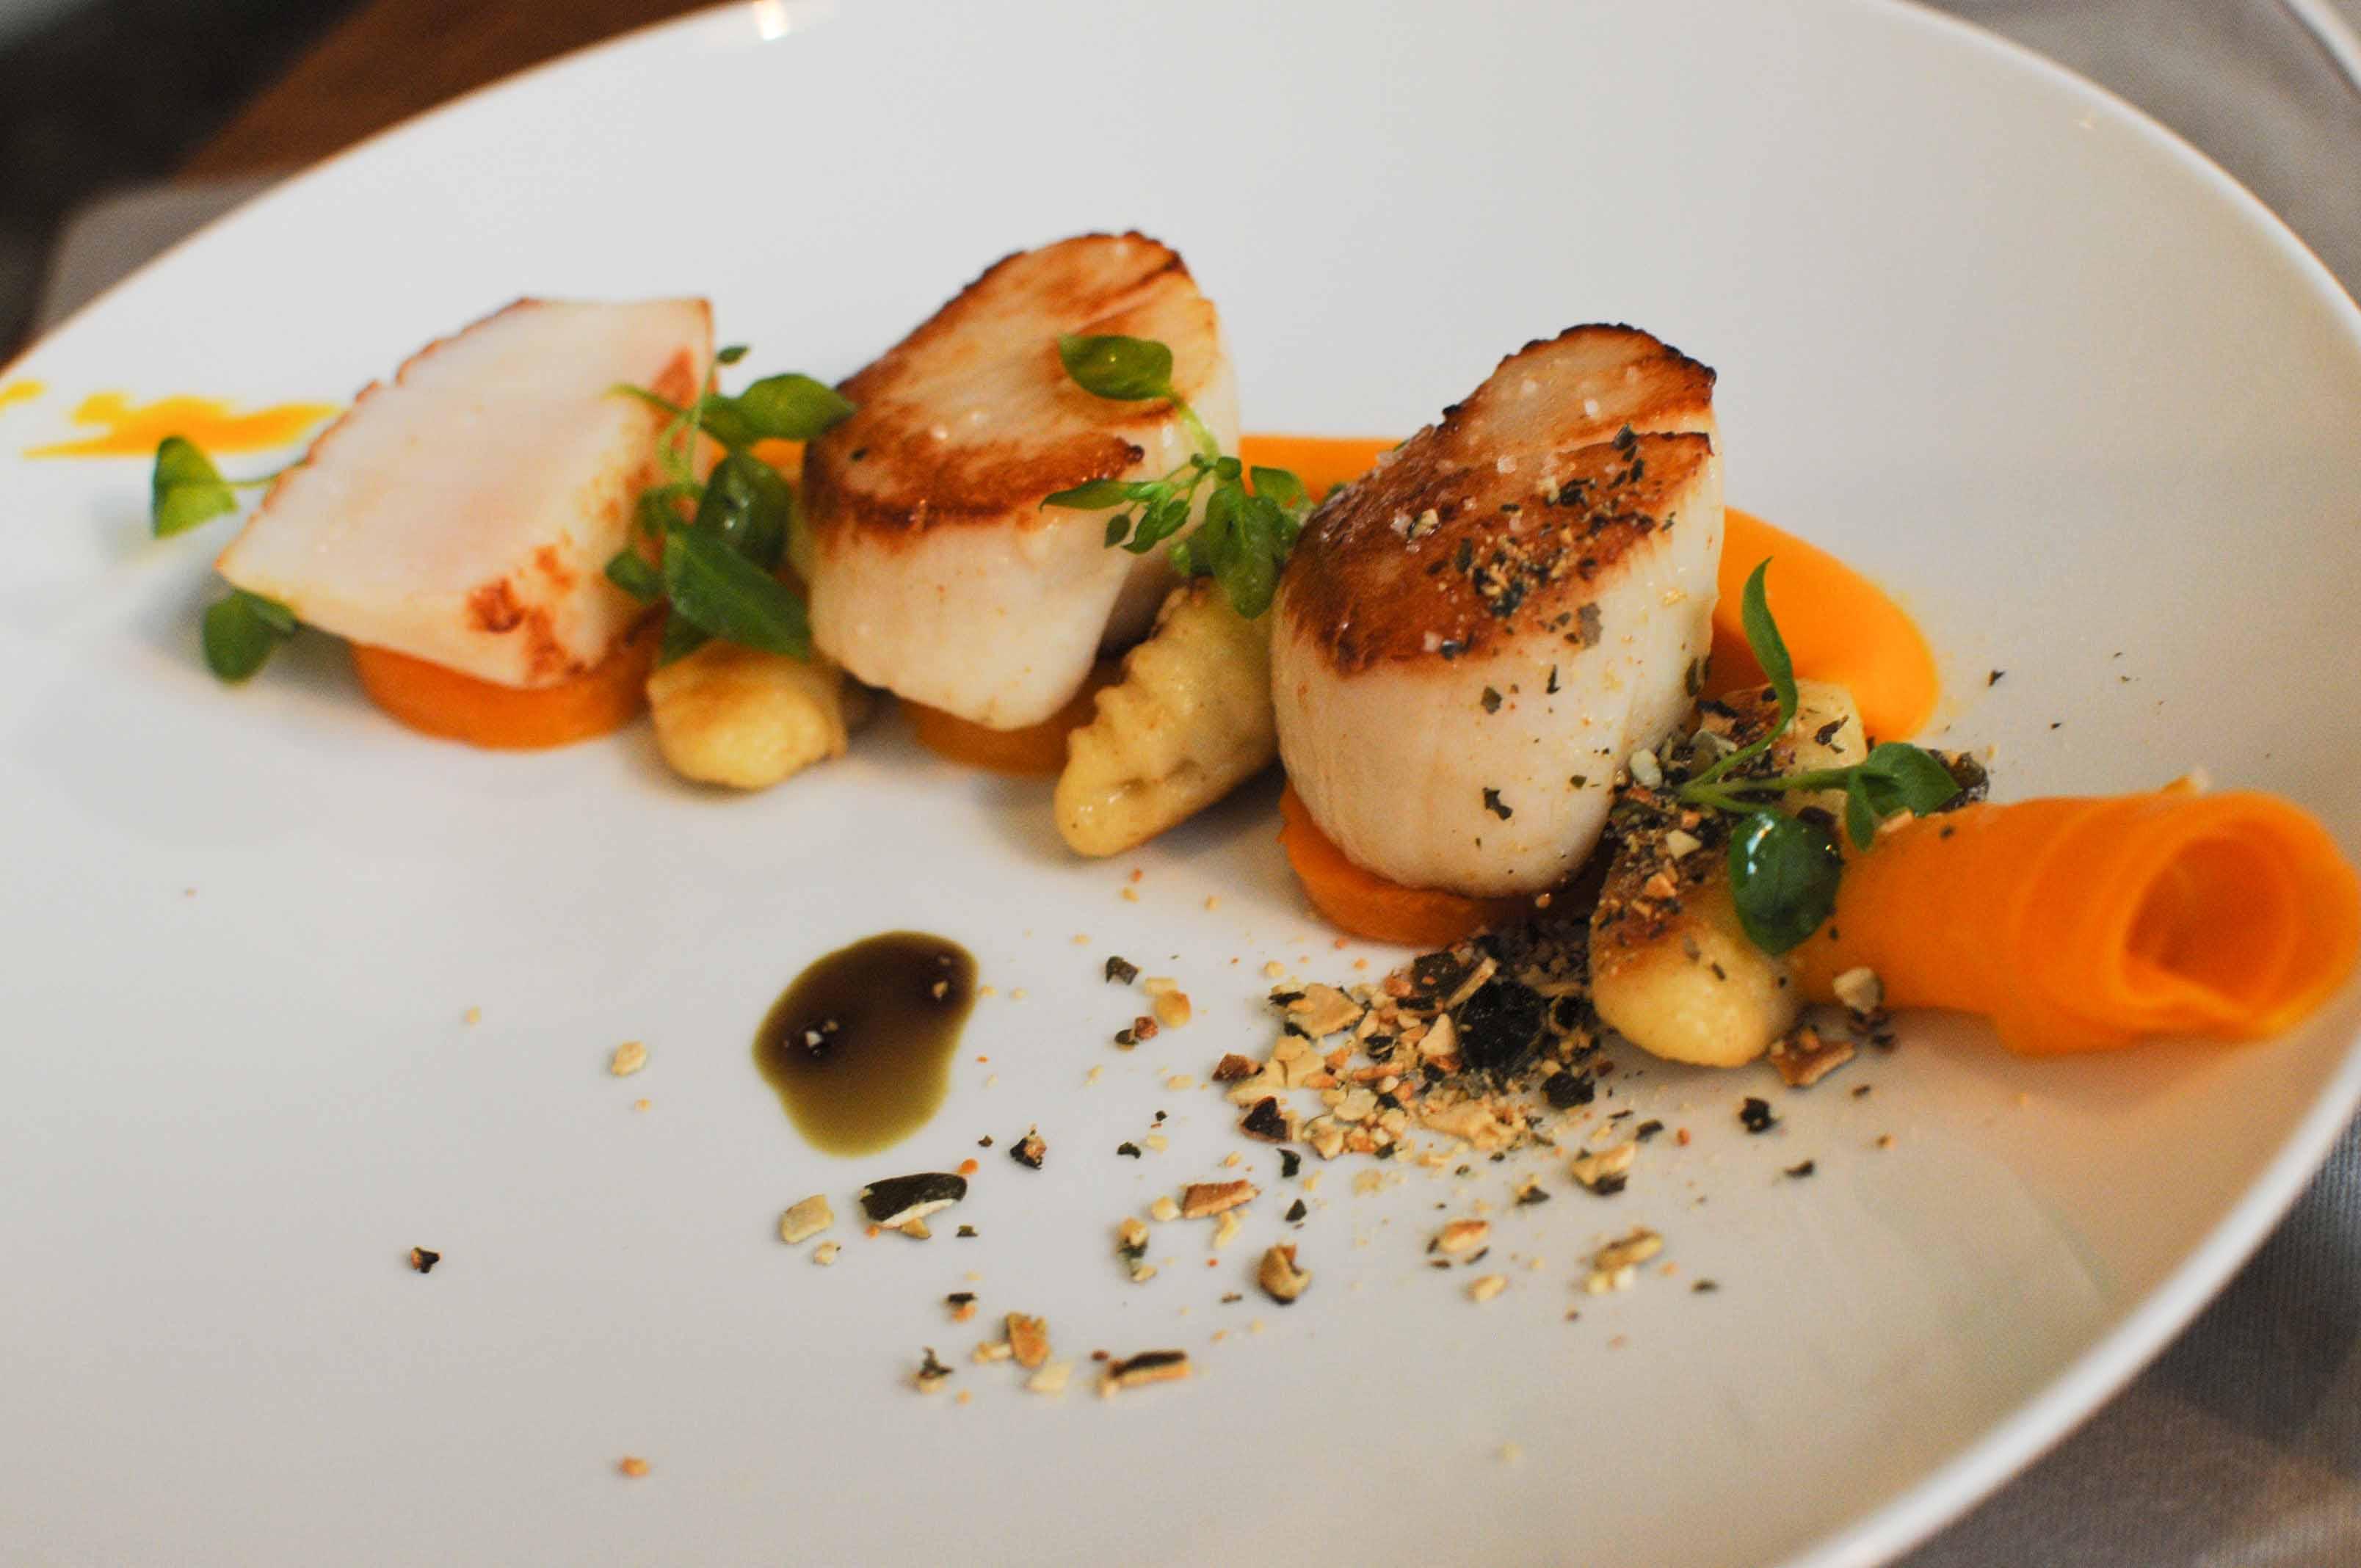 Recette gastronomique a la maison un site culinaire for Cuisine gastronomique